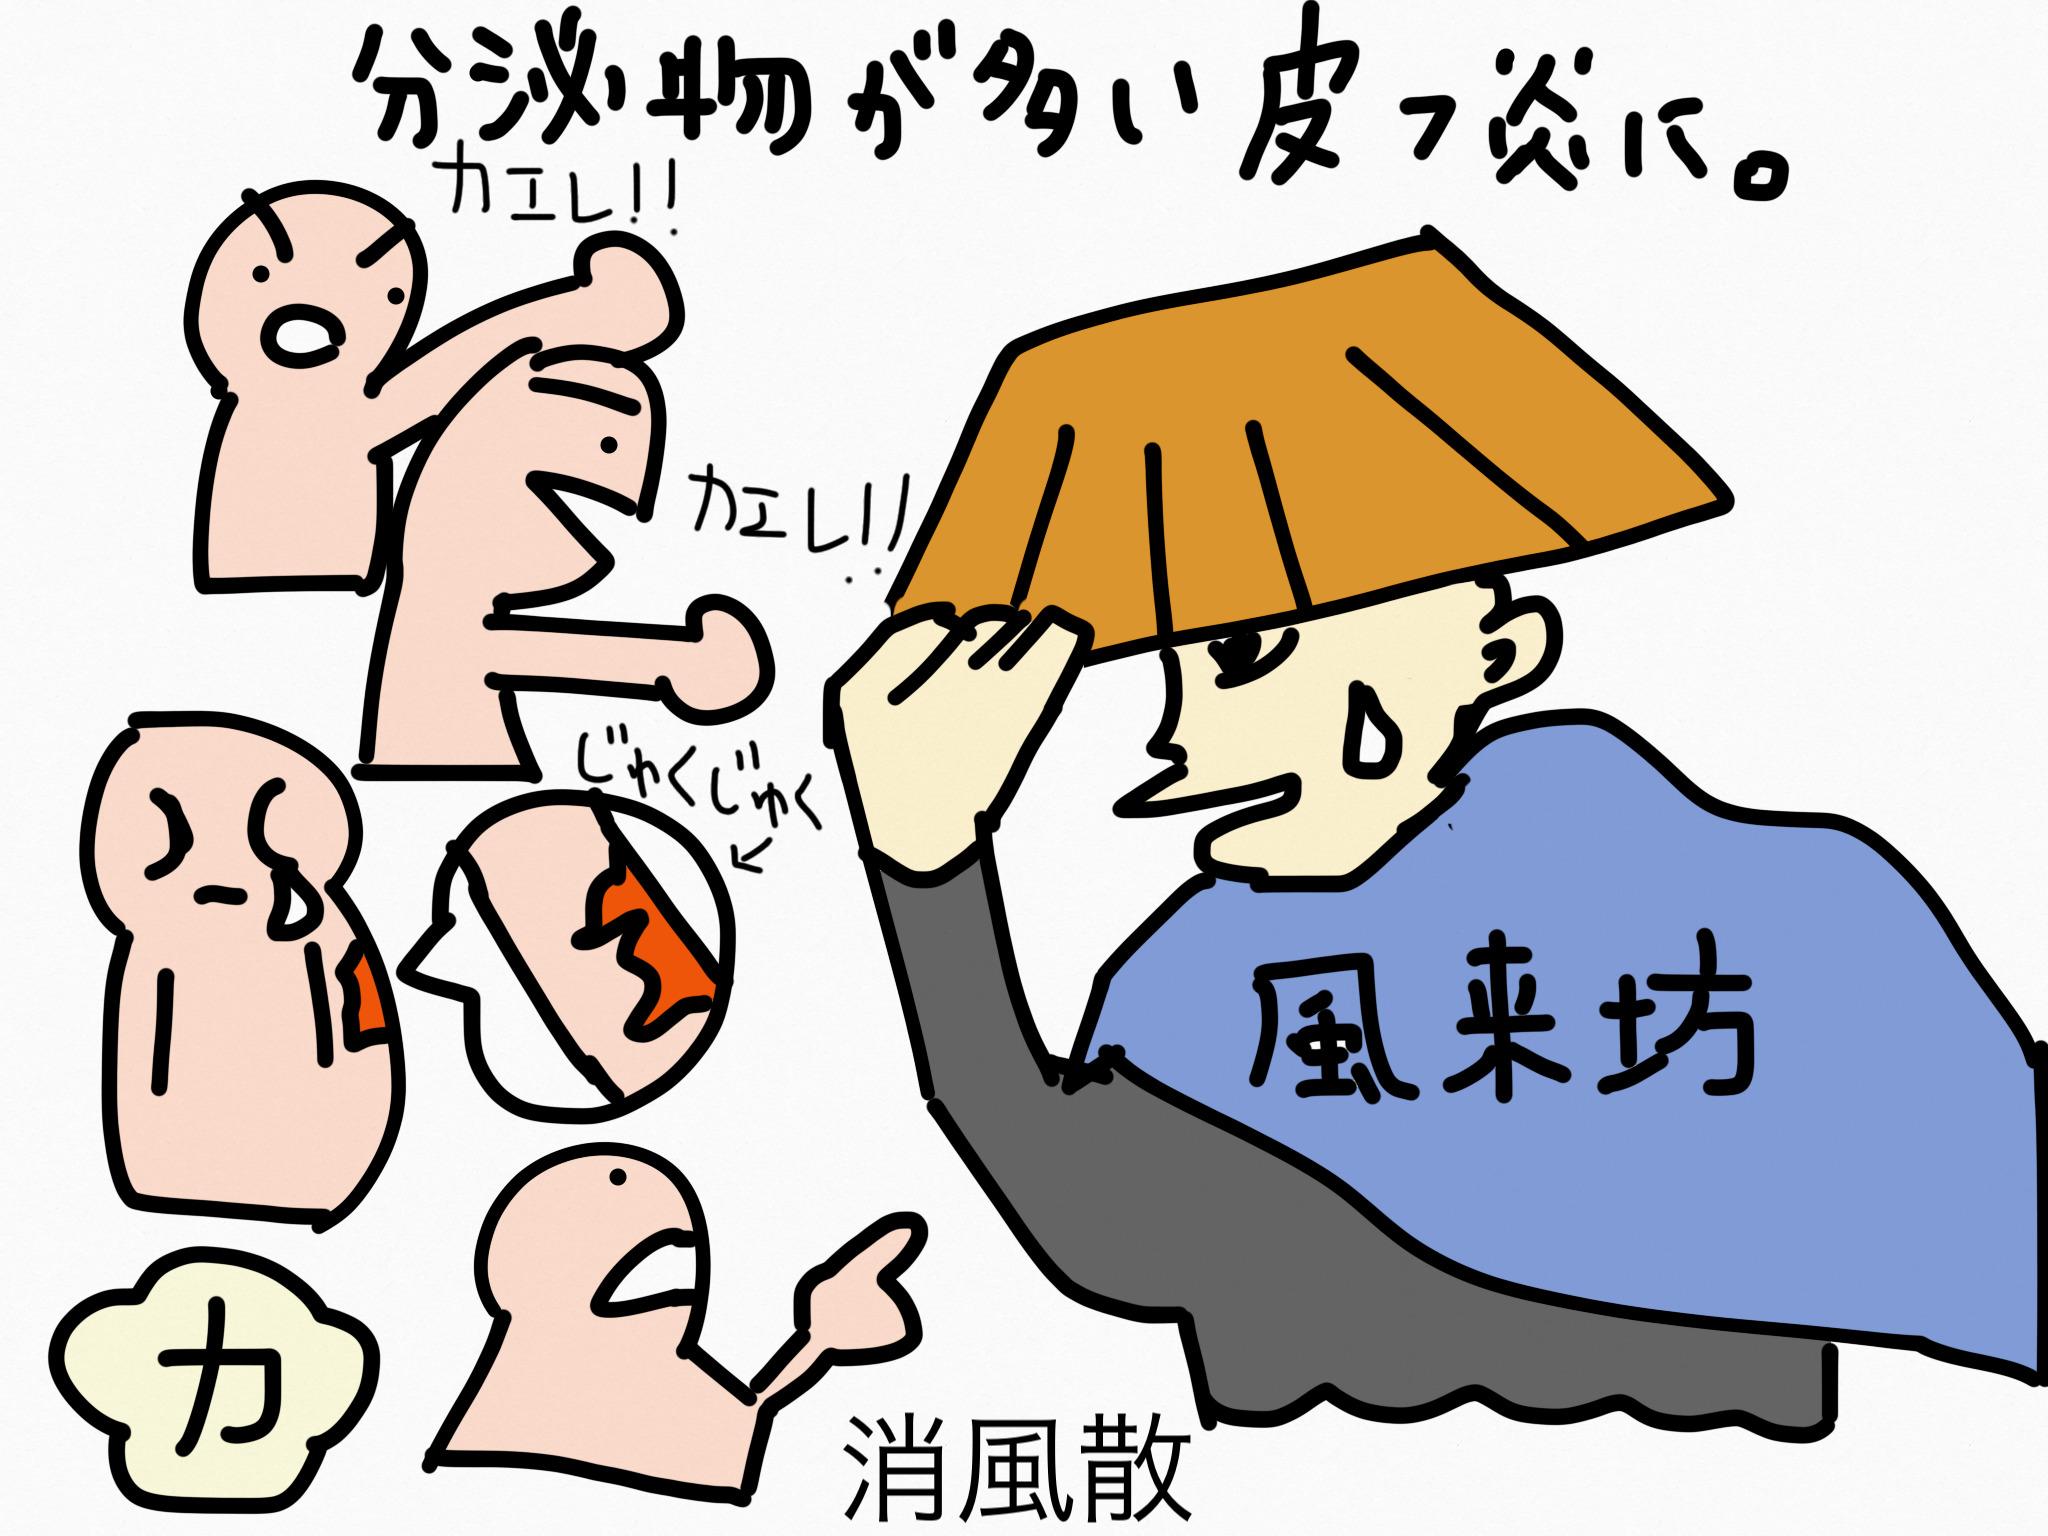 消風散(しょうふうさん)[皮膚疾患]【漢方の覚え方】